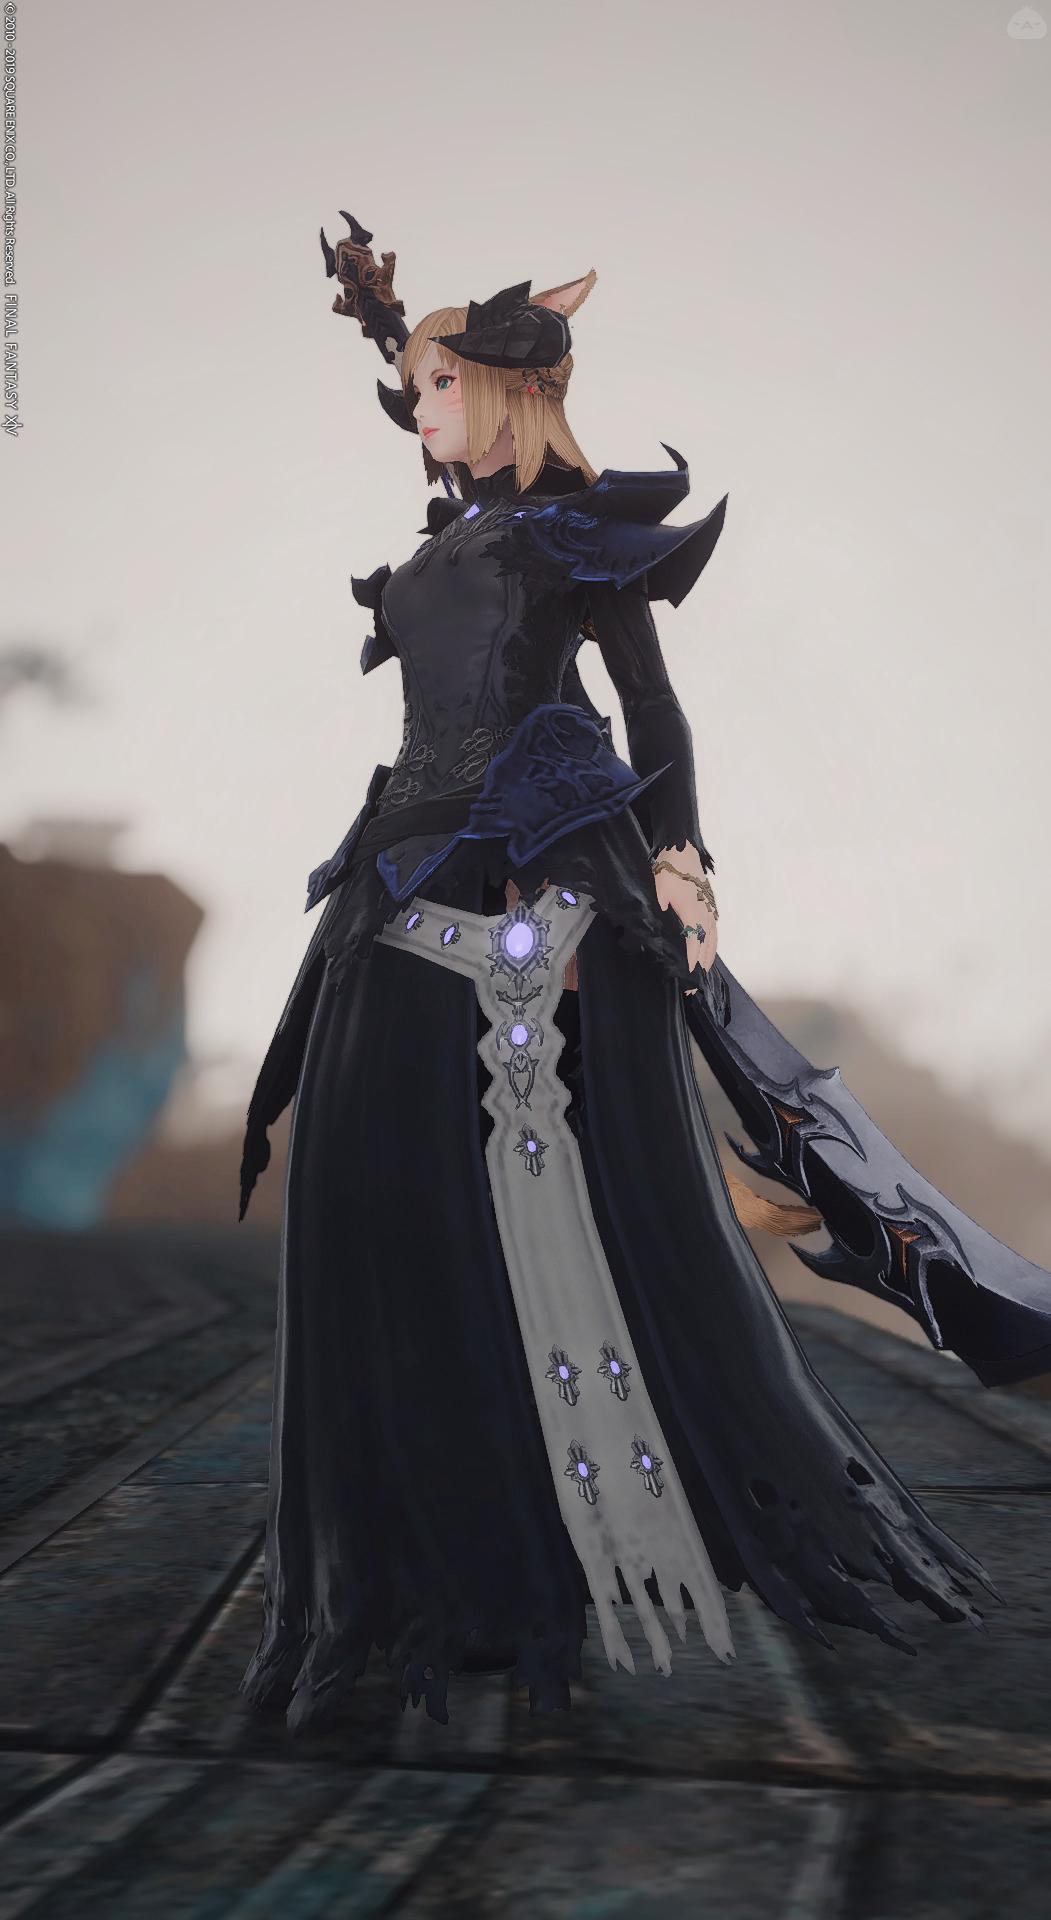 ヴォイド暗黒騎士